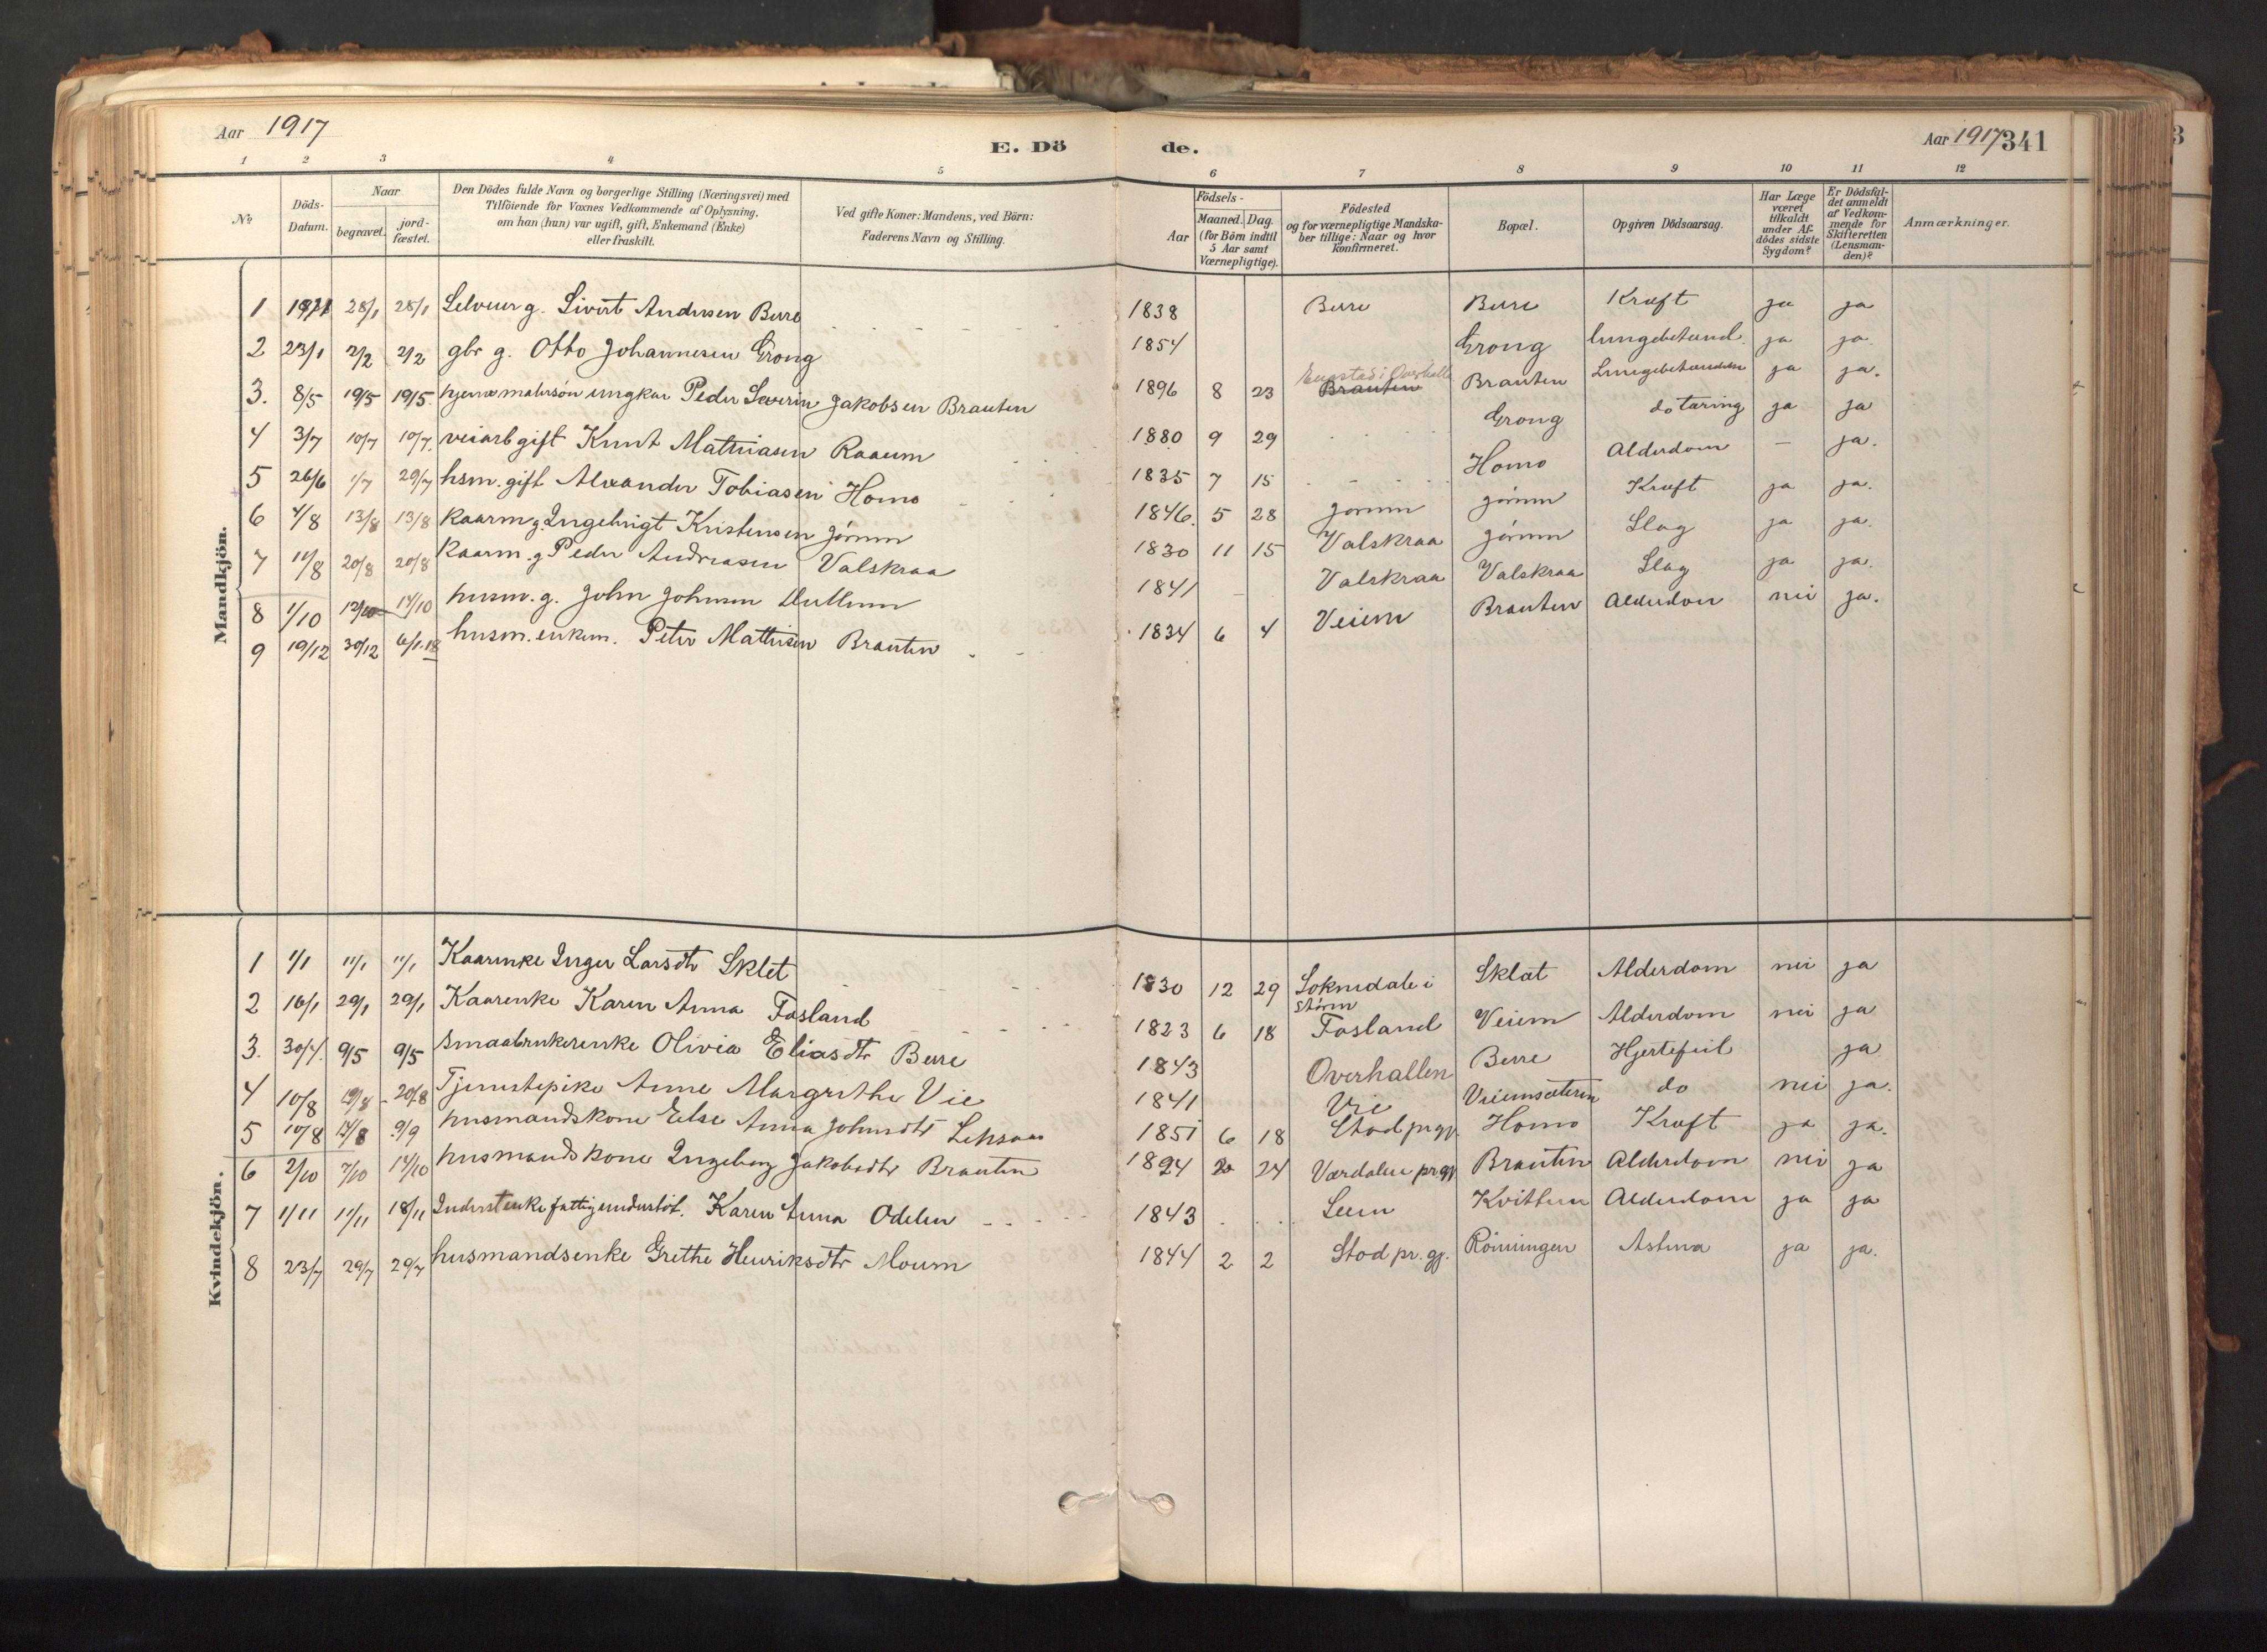 SAT, Ministerialprotokoller, klokkerbøker og fødselsregistre - Nord-Trøndelag, 758/L0519: Ministerialbok nr. 758A04, 1880-1926, s. 341